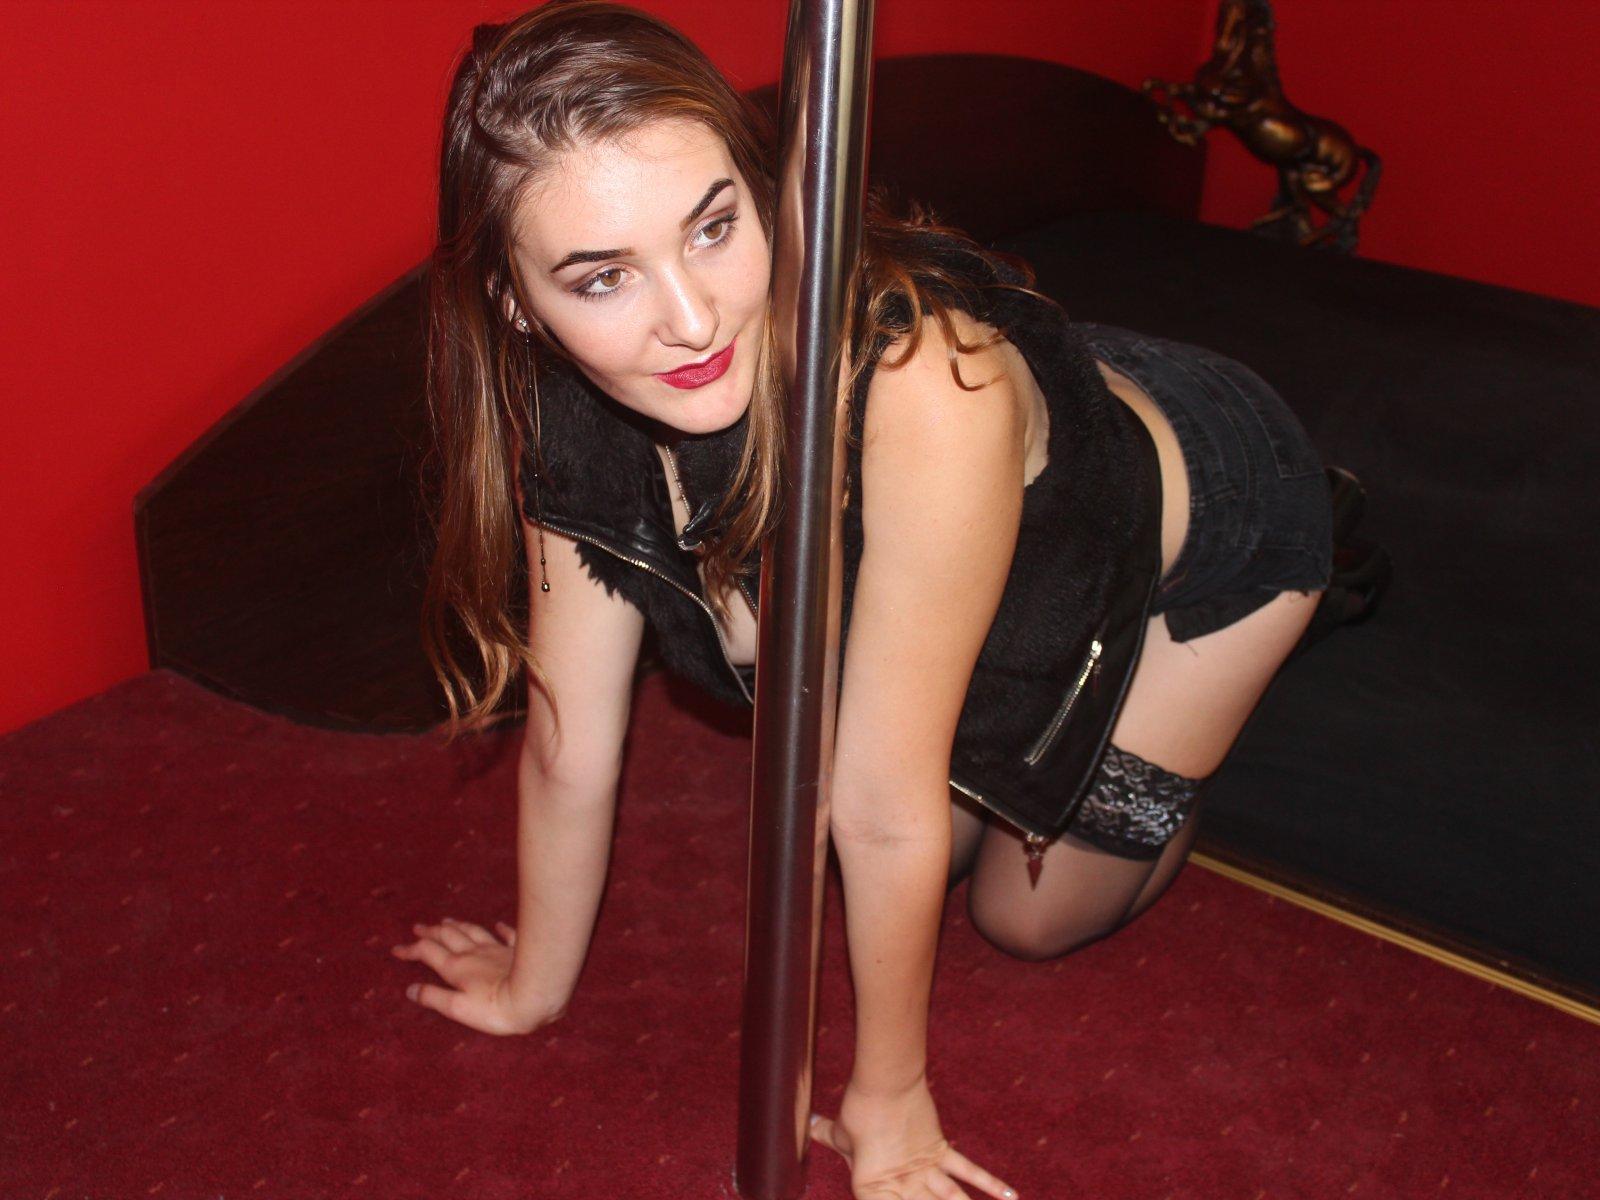 Μαύρο κορίτσι γυμνό εικόνες